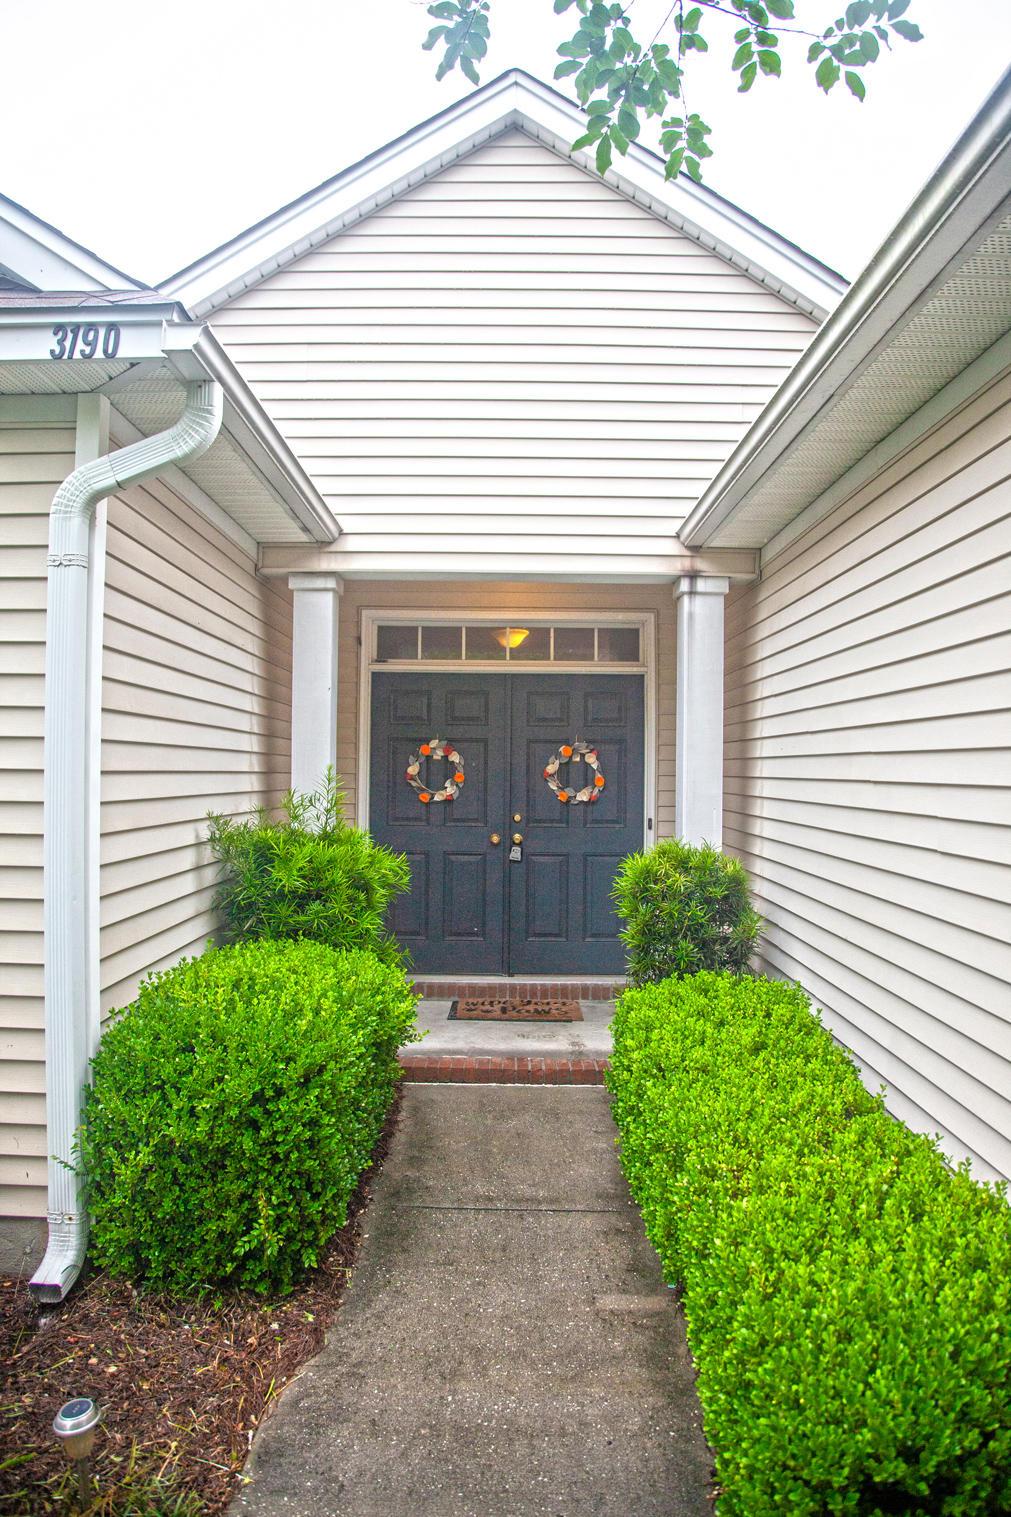 Park West Homes For Sale - 3190 John Bartram Place, Mount Pleasant, SC - 16